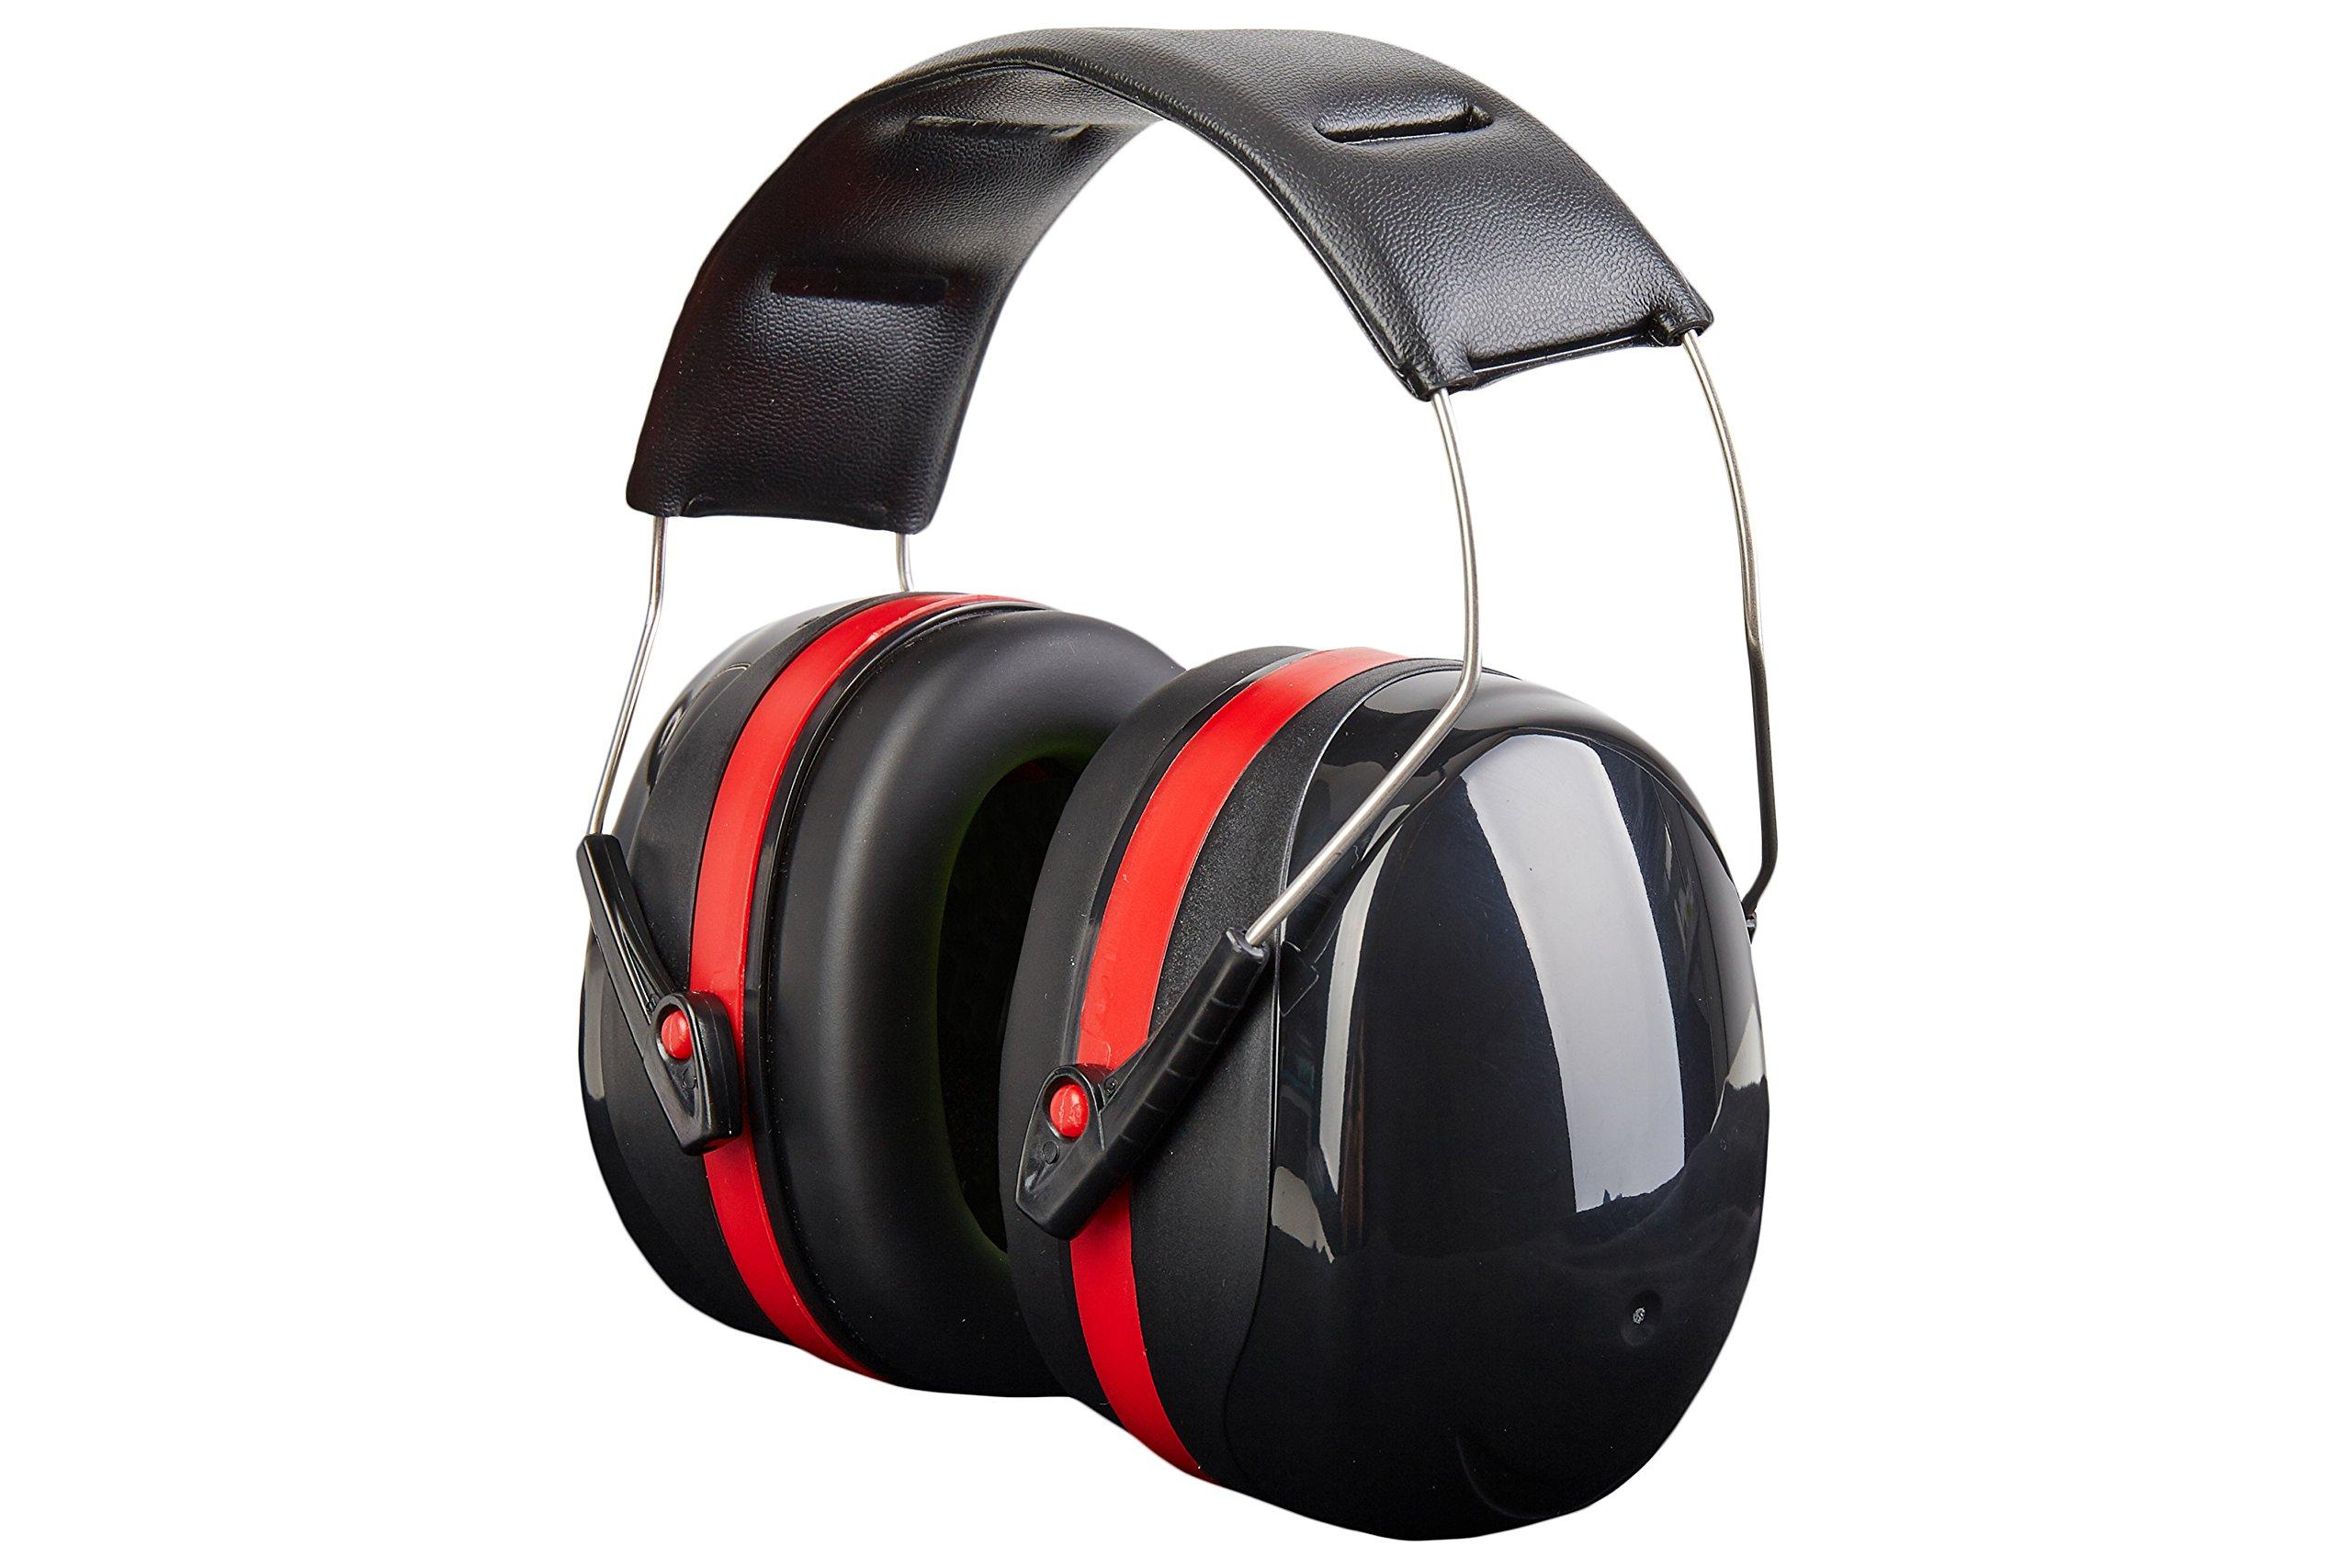 Baugewerbe Hilfreich Gesichtsschutzschirm Mit Gehörschutz Visier Klar Klappbar ZuverläSsige Leistung